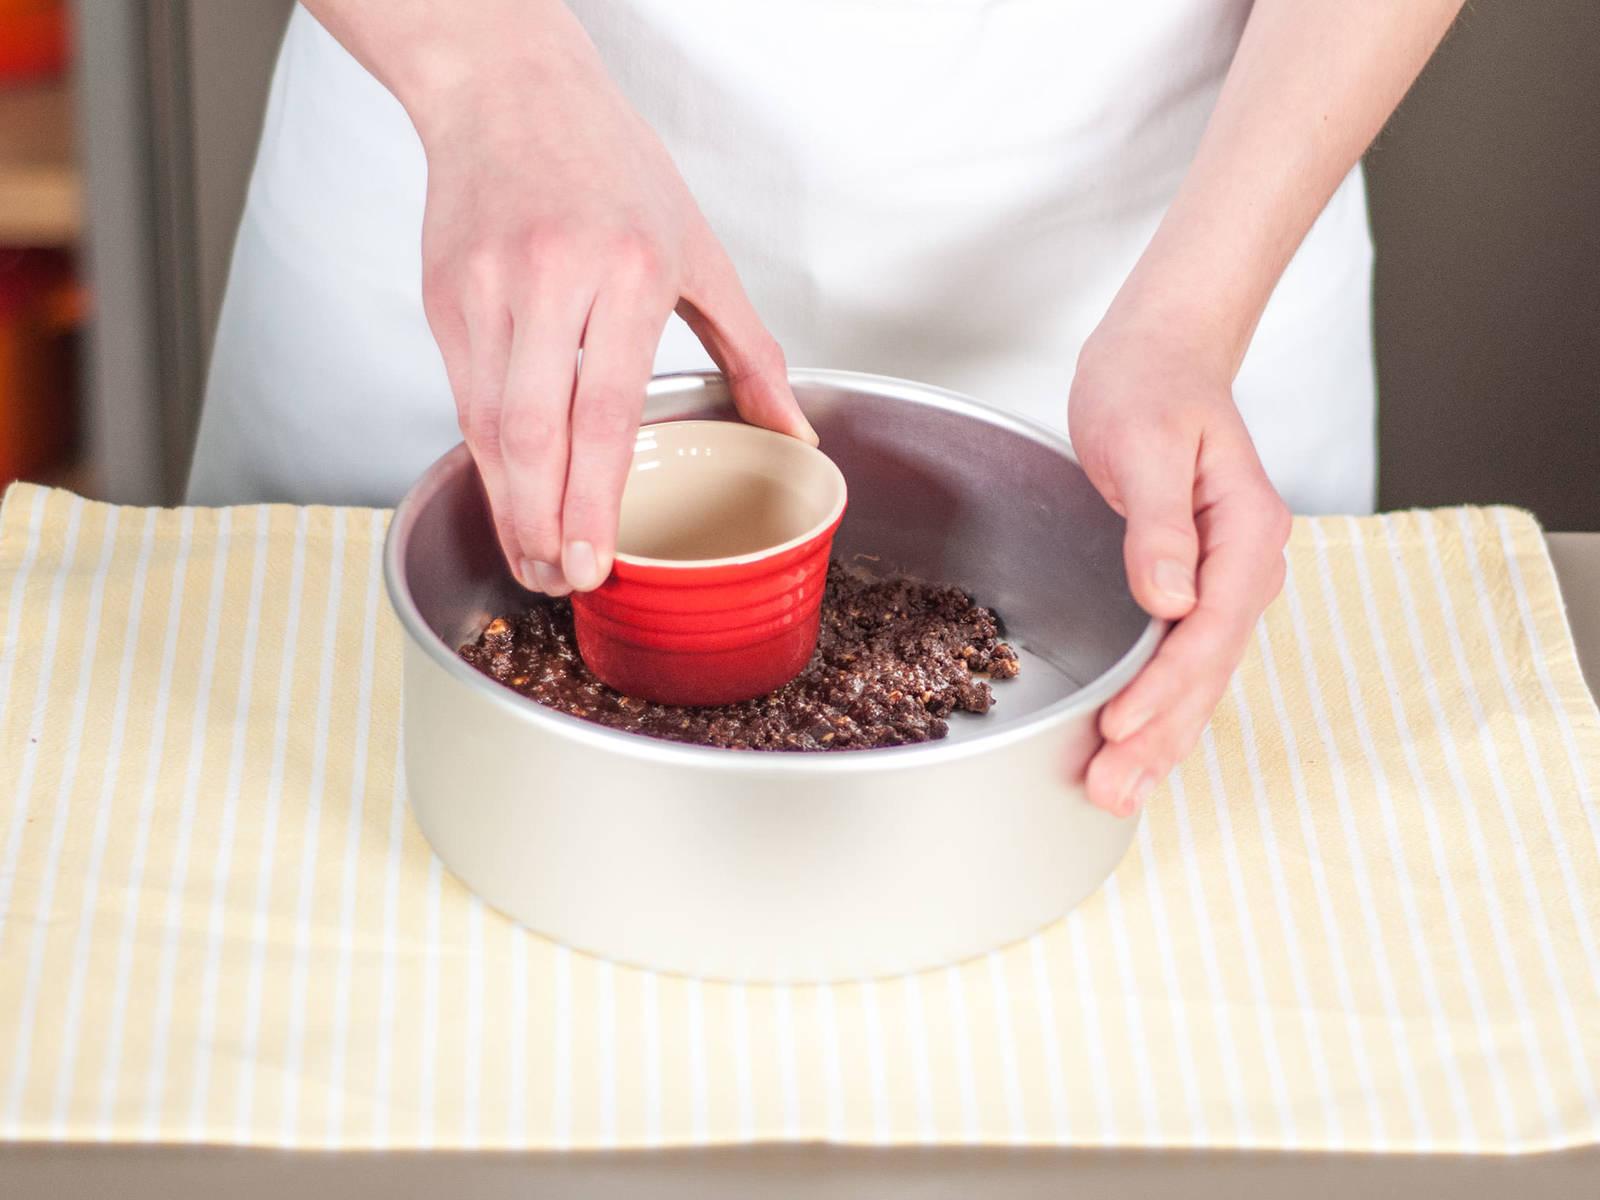 Kekskrümelmischung in eine runde Backform geben und sorgfältig an den Boden der Backform drücken.